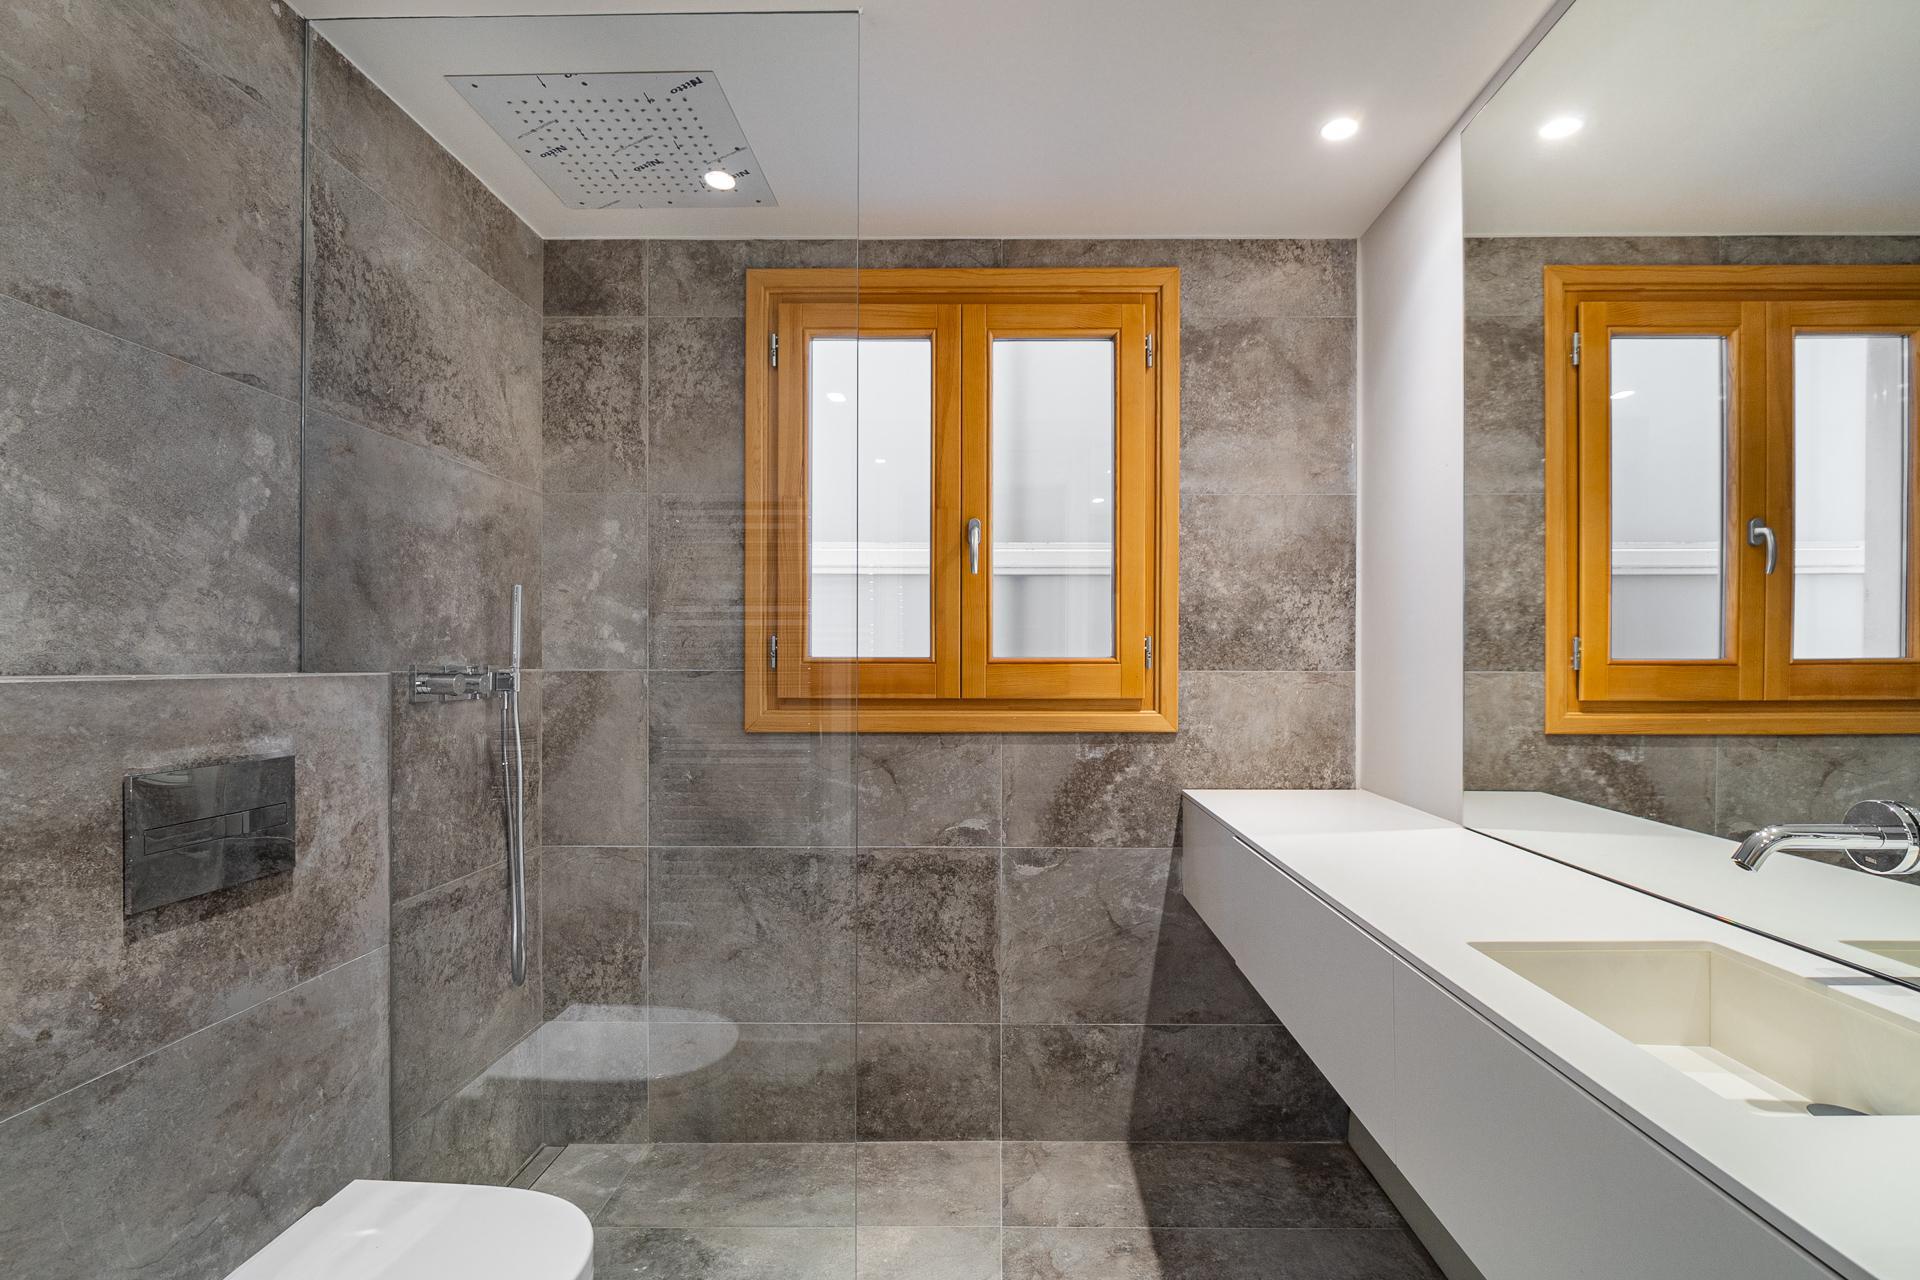 245901 Flat for sale in Ciutat Vella, St. Pere St. Caterina and La Ribera 6